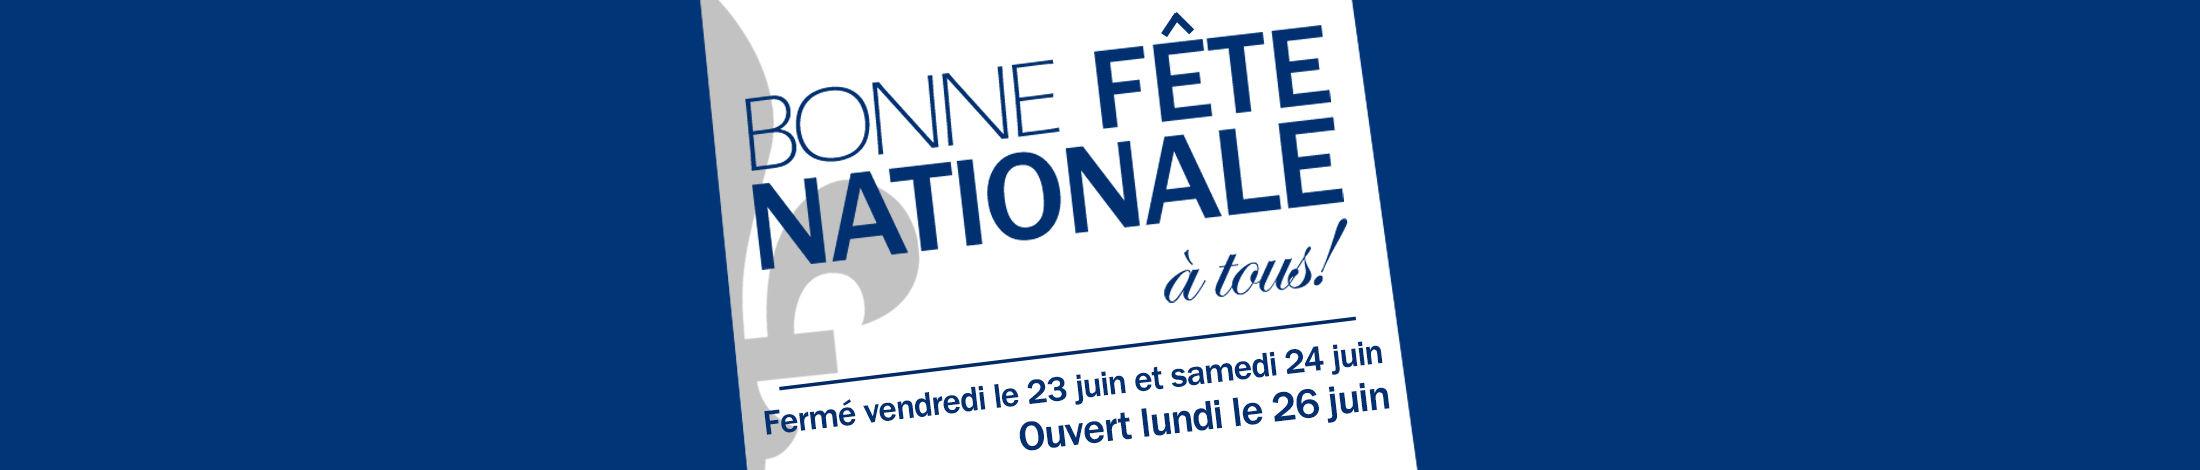 Fete Nationale